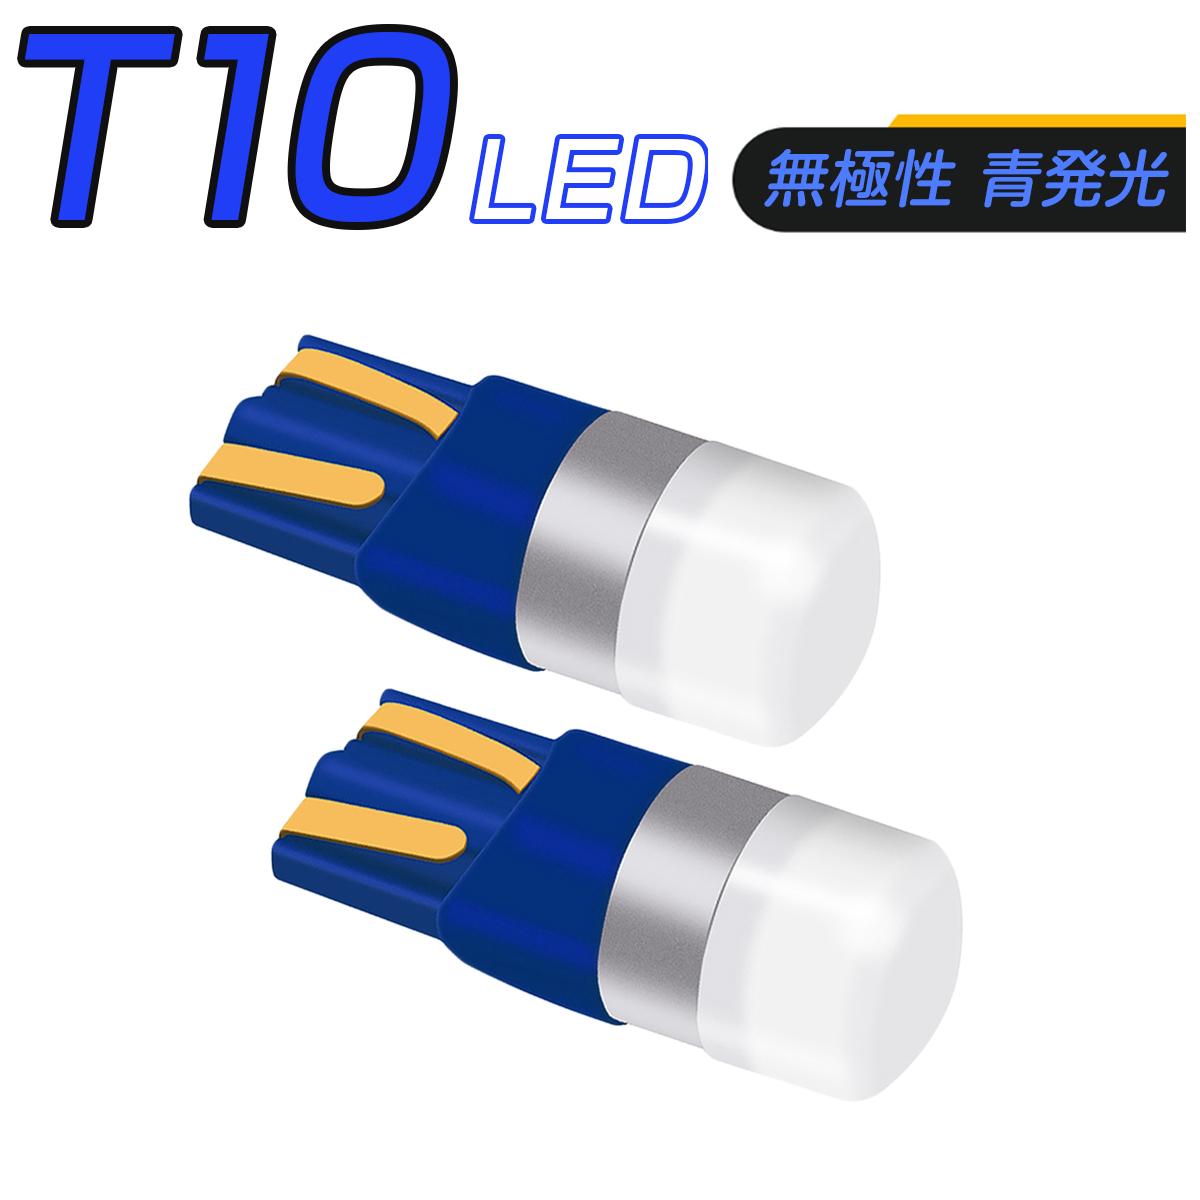 LED 青 T10 T13 T15 T16 汎用 1SMD 3030 キャンセラー付き 150LM 12V/24V 無極性 2個セット 外車対応 SDM便送料無料 3ヶ月保証